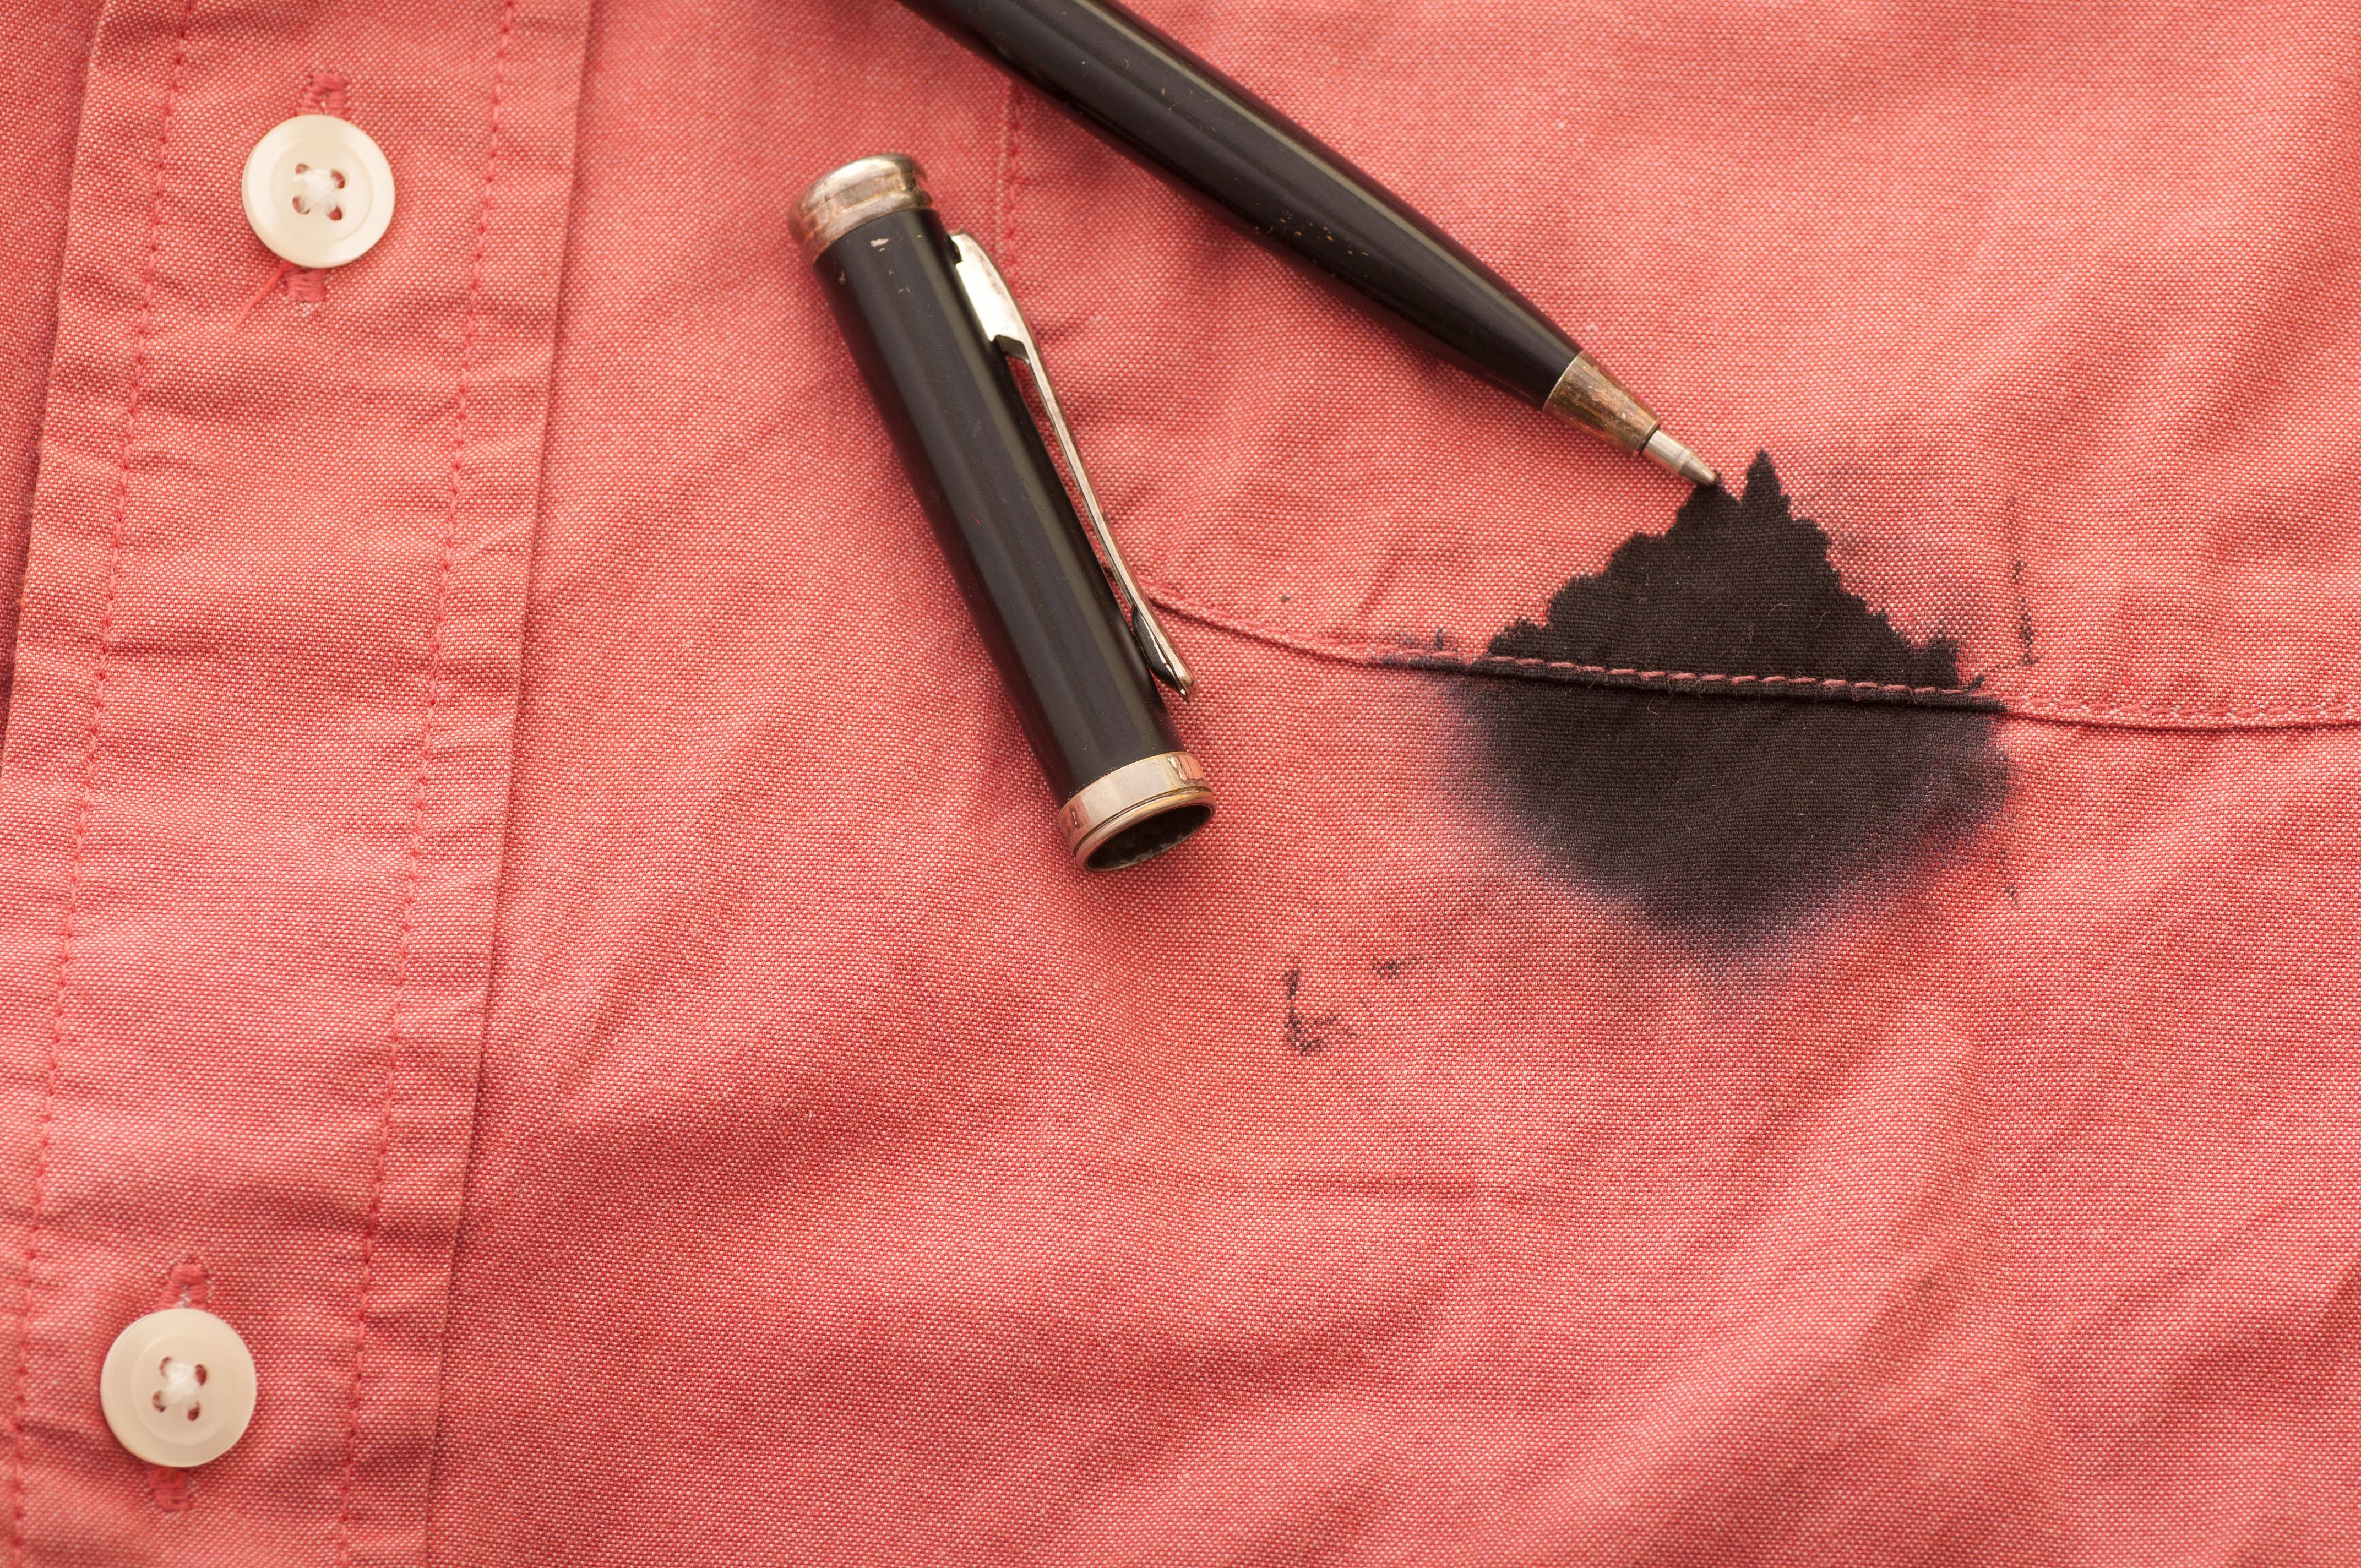 Как отстирать ручку – быстрые способы убрать следы от чернил